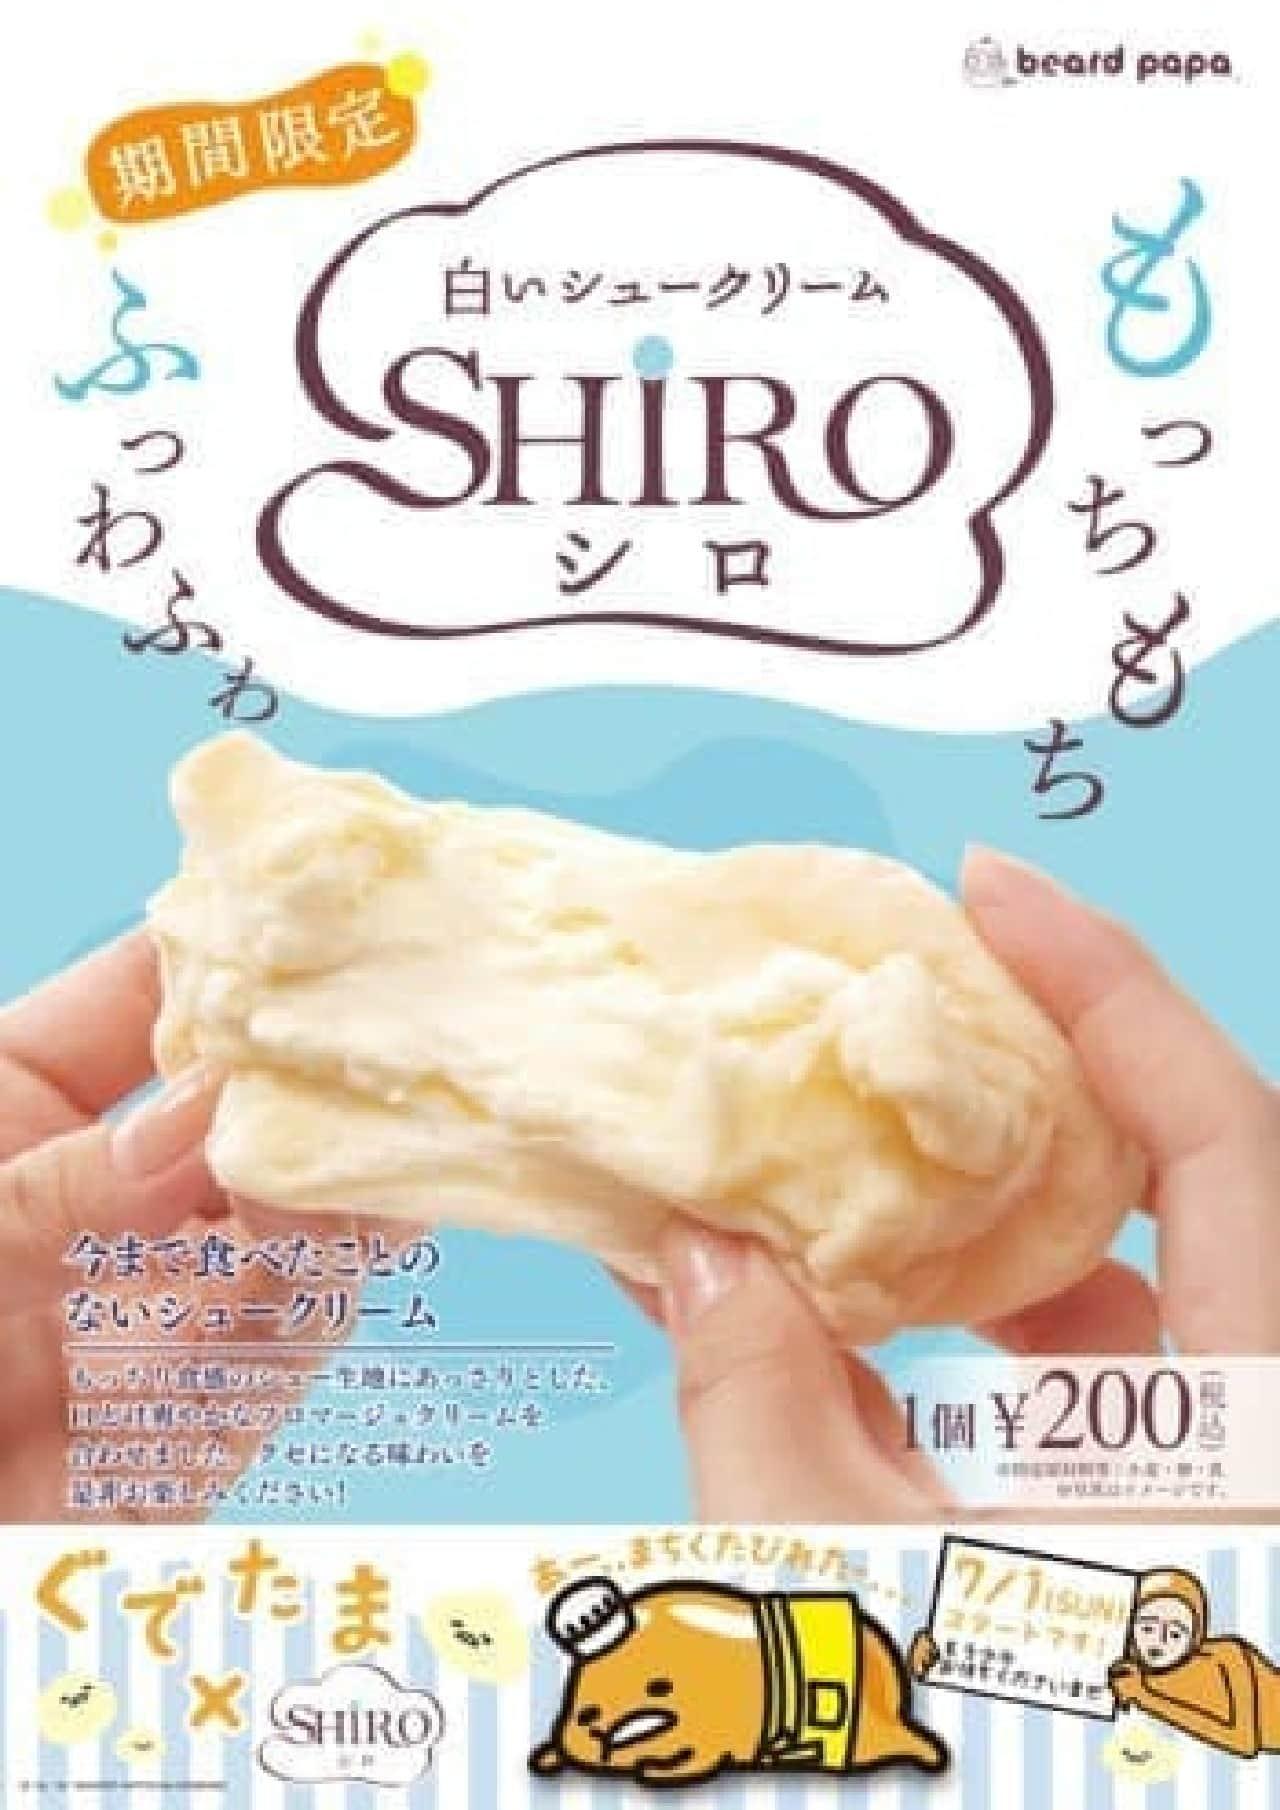 """ビアードパパ「SHIRO(シロ)」とサンリオの""""ぐでたま""""がコラボ"""